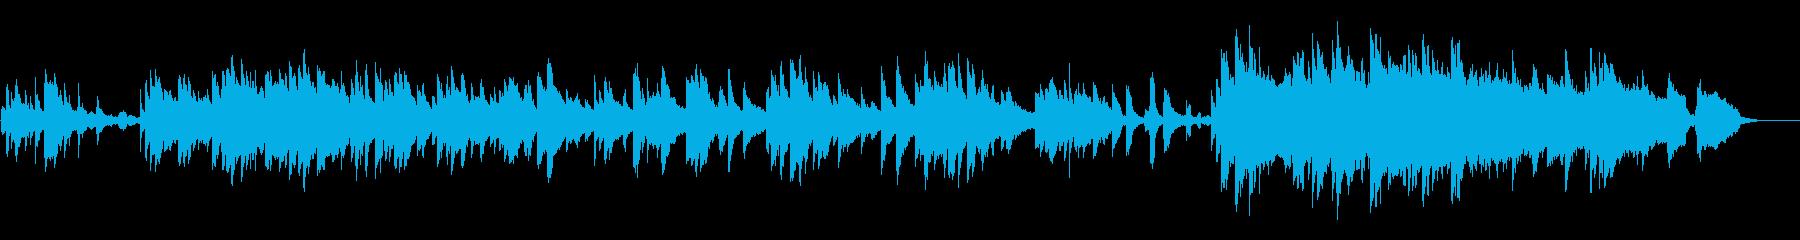 優しい雰囲気の温かいBGMの再生済みの波形